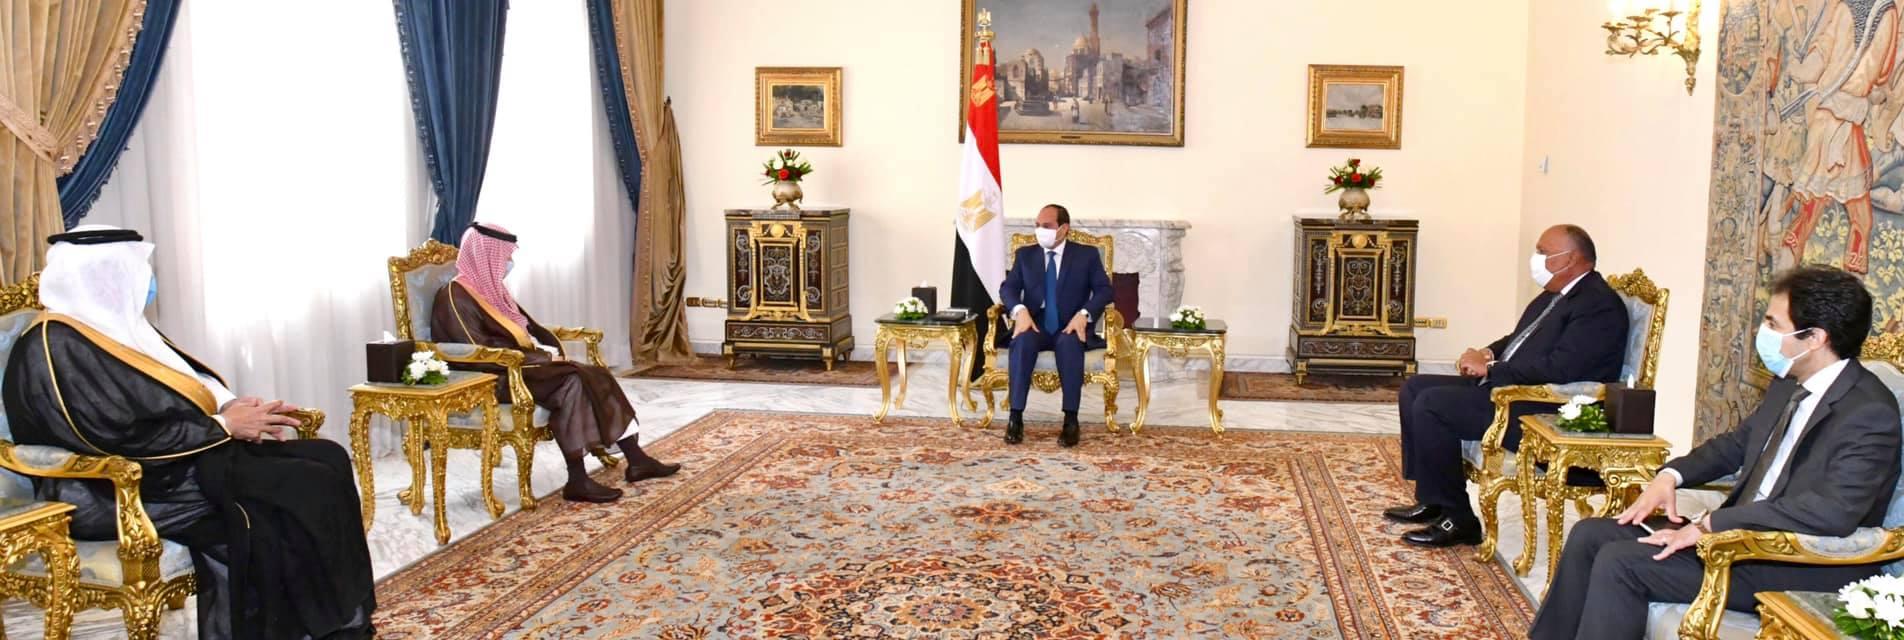 الرئيس السيسي يلتقى وزير الخارجية السعودي ويؤكد ضرورة وحدة الصف العربى